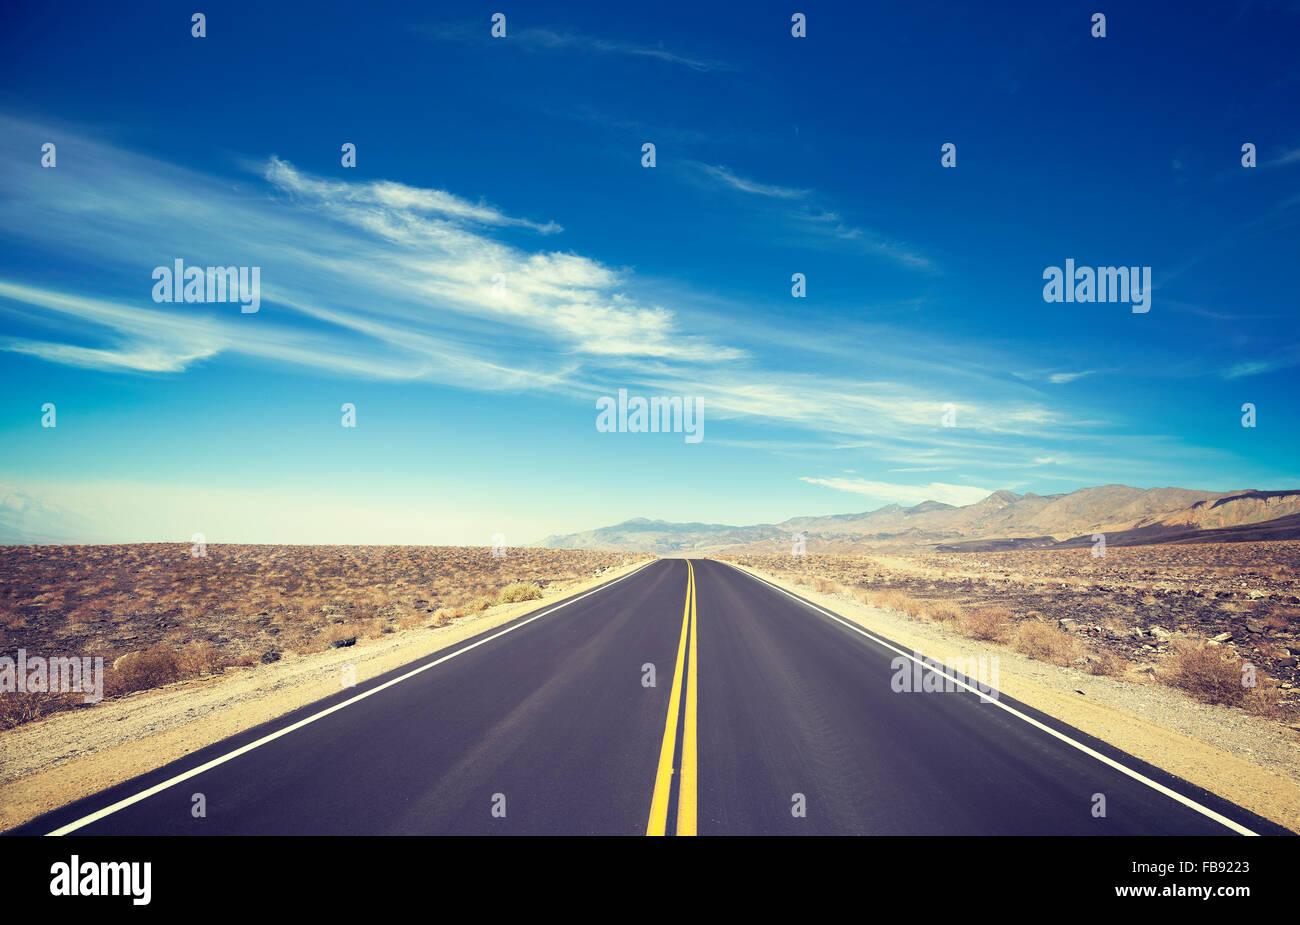 Vintage nei toni del paese senza fine autostrada, Death Valley, Stati Uniti d'America. Immagini Stock